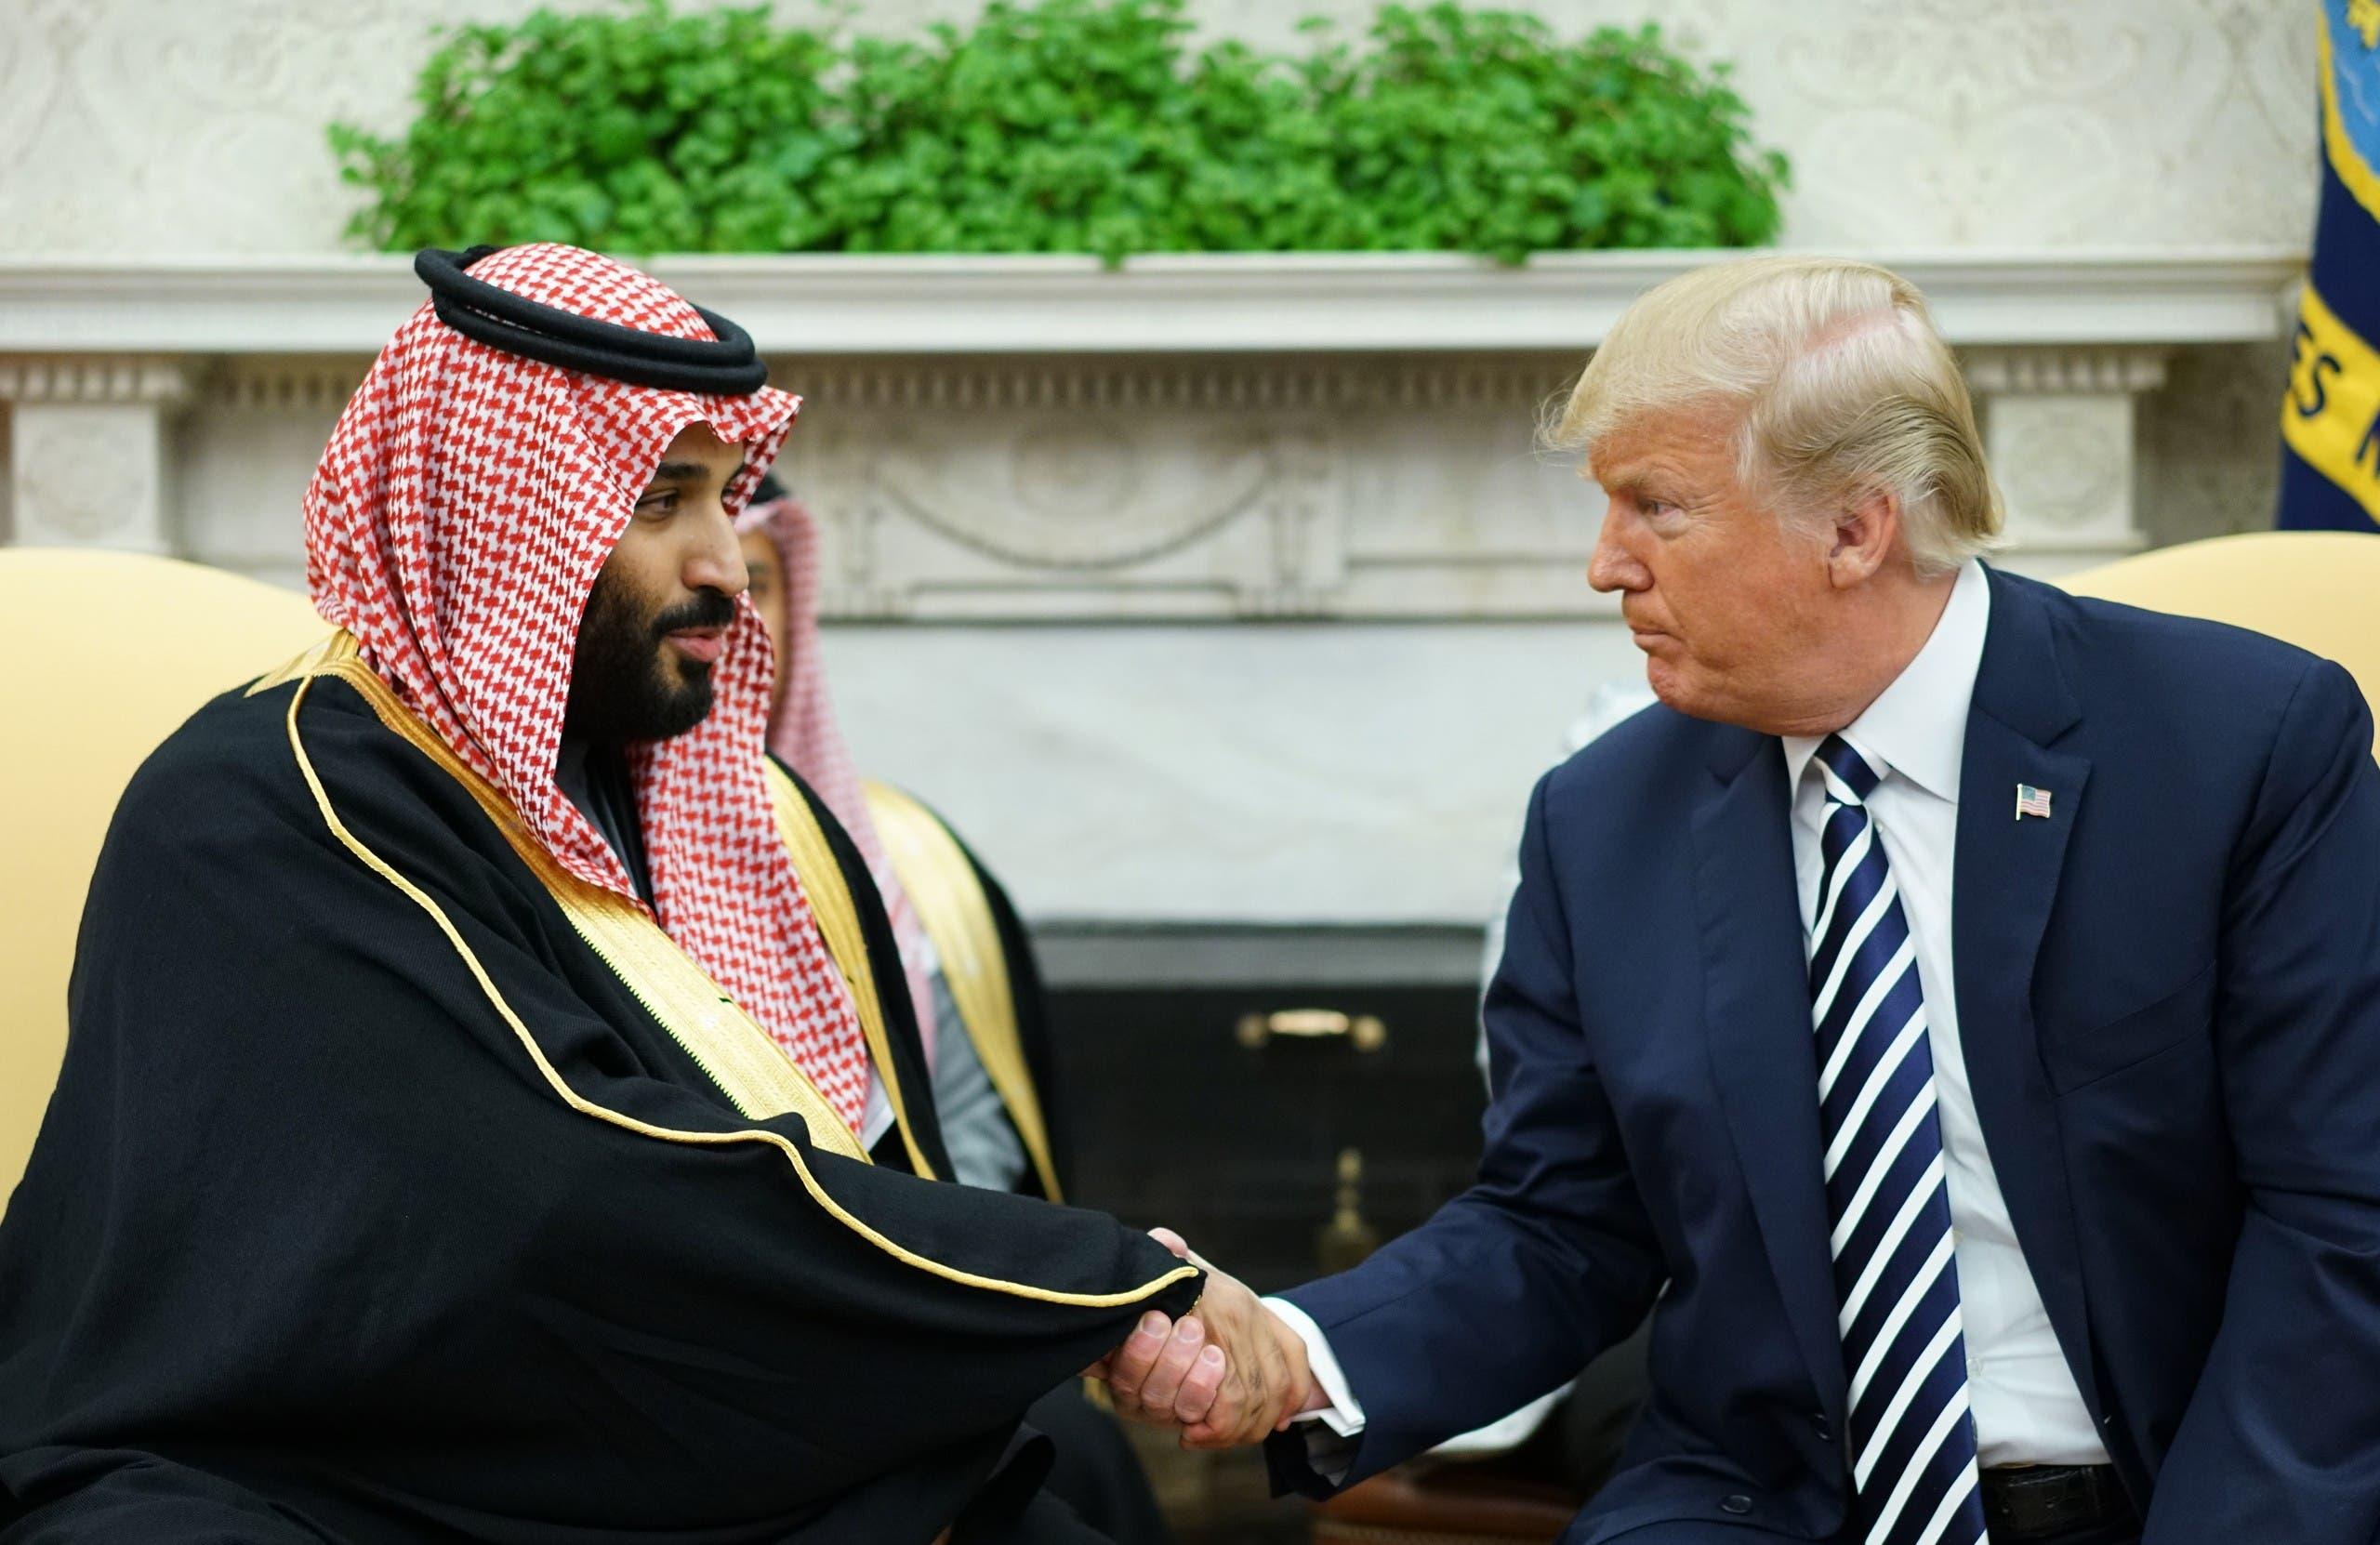 من لقاء ترمب والأمير محمد بن سلمان في البيت الأبيض يوم 20 مارس 2018